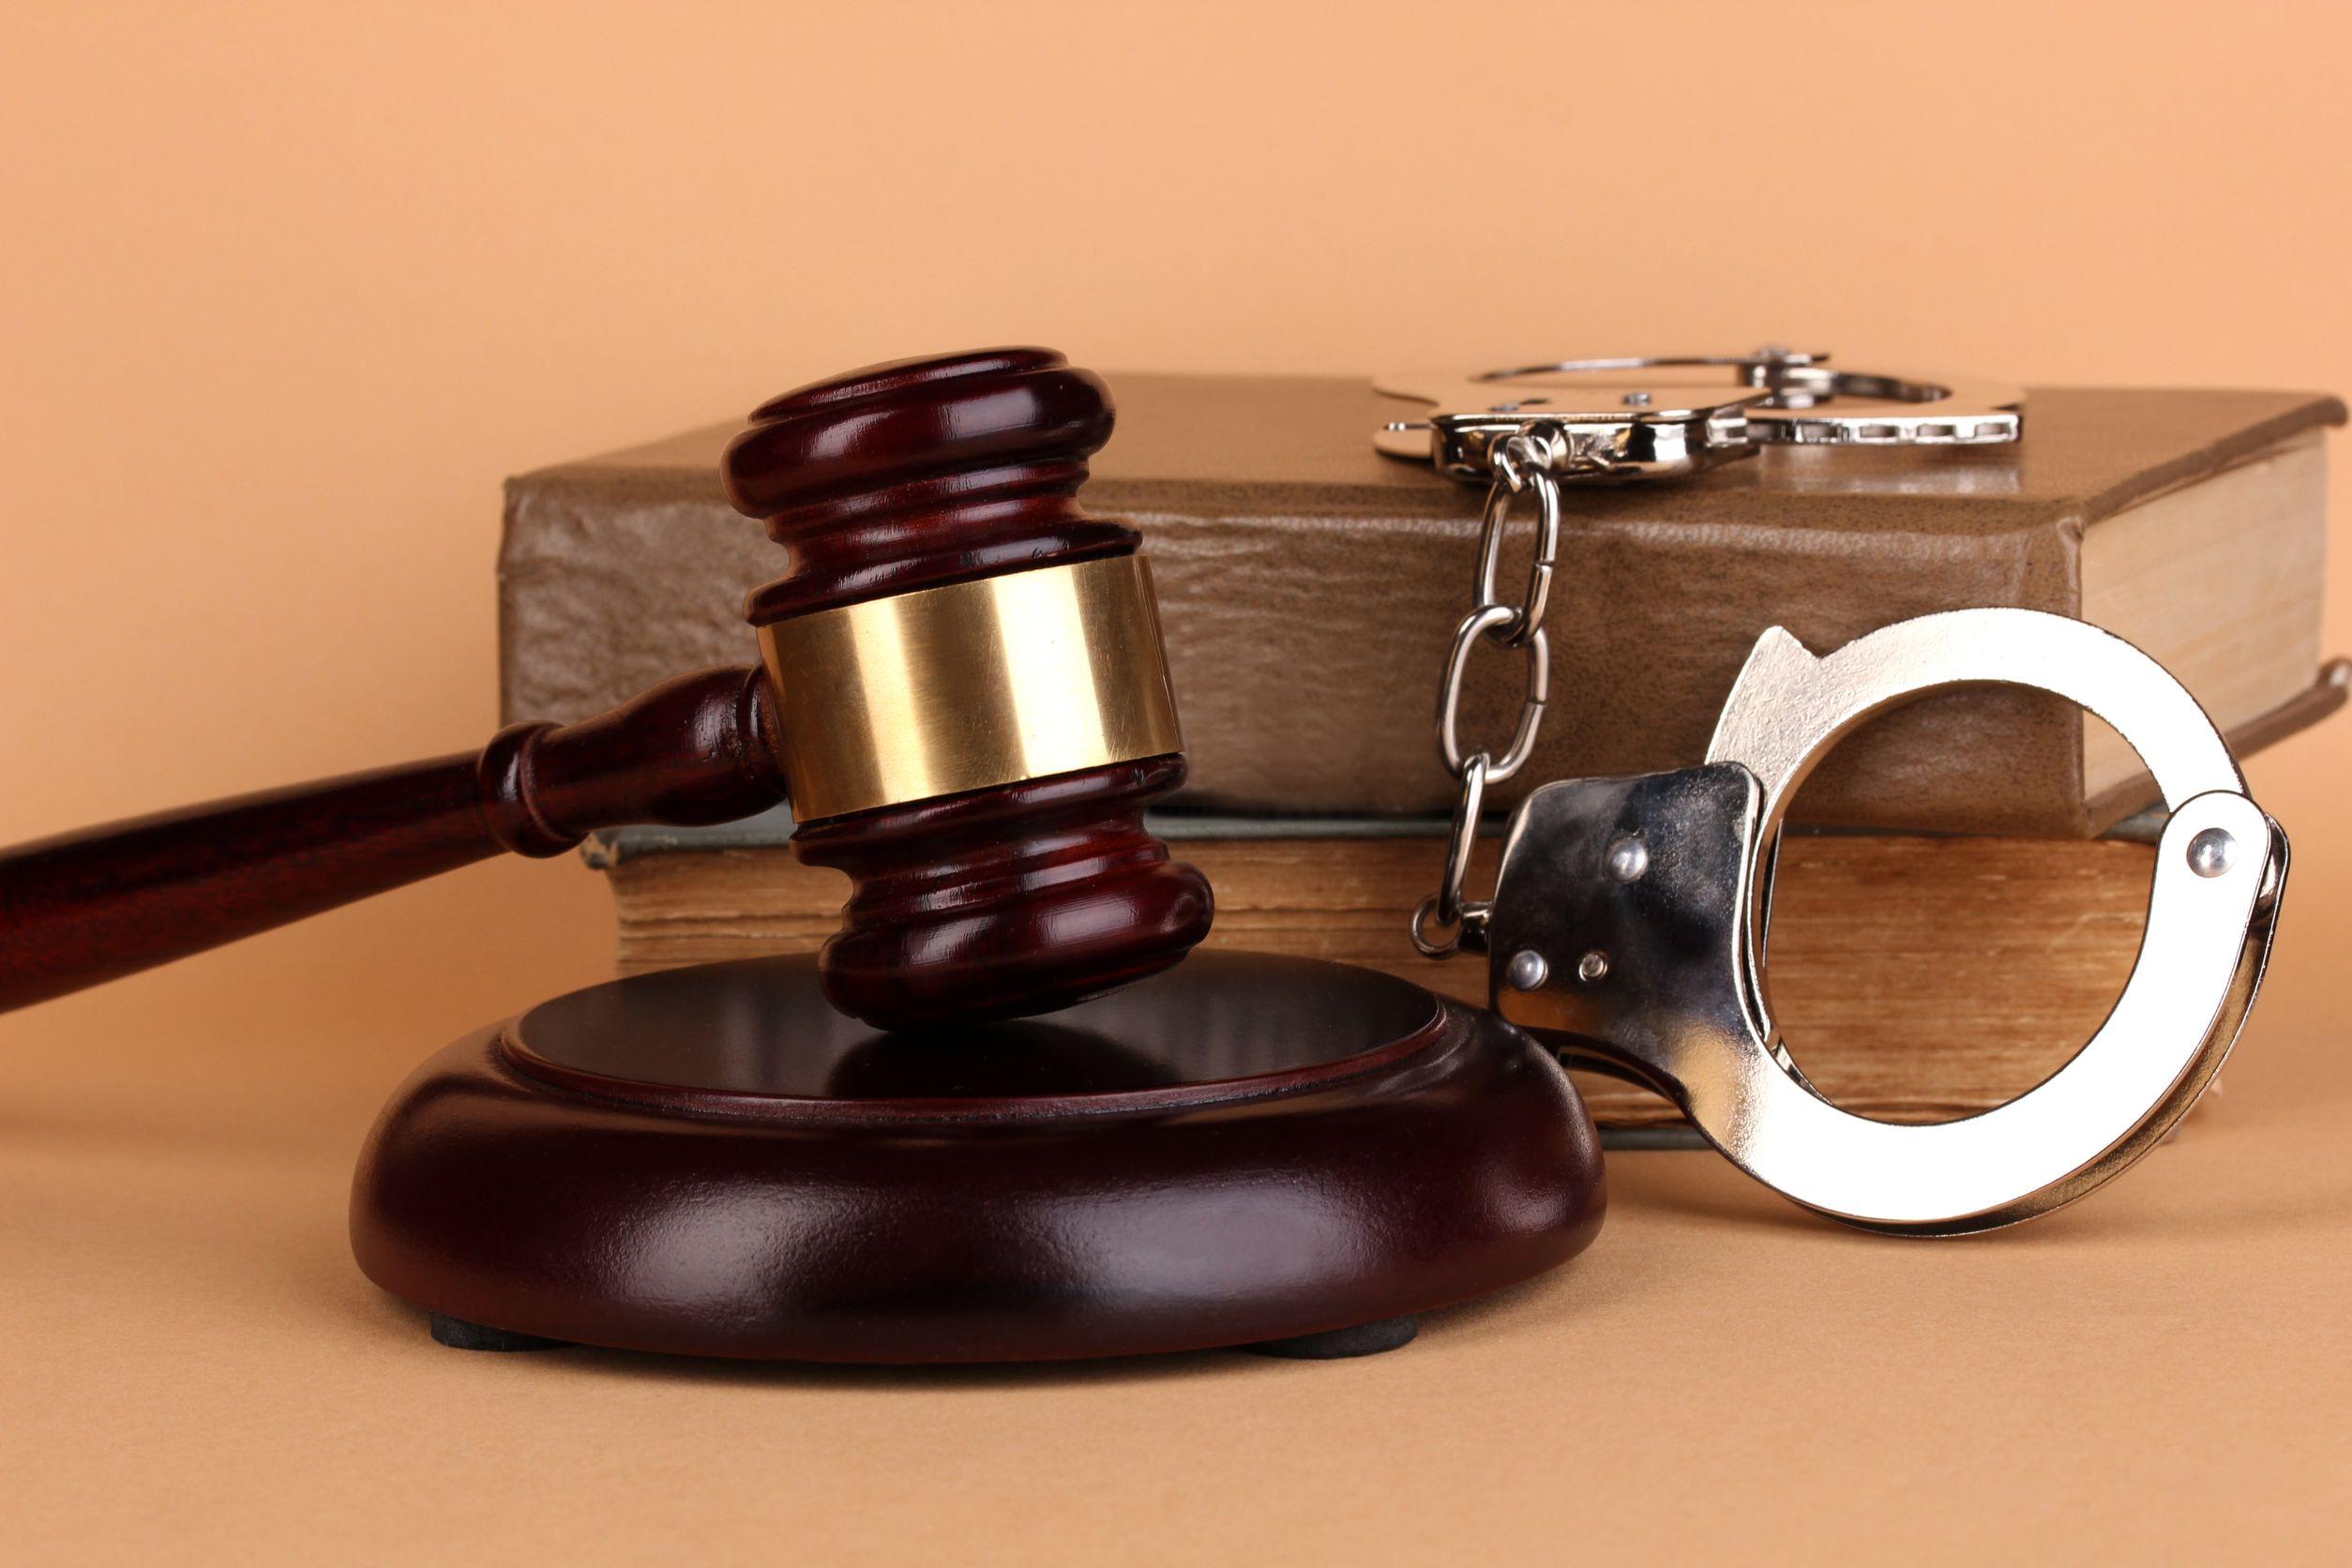 قانون حمایت از خانواده به چه موضوعاتی میپردازد؟